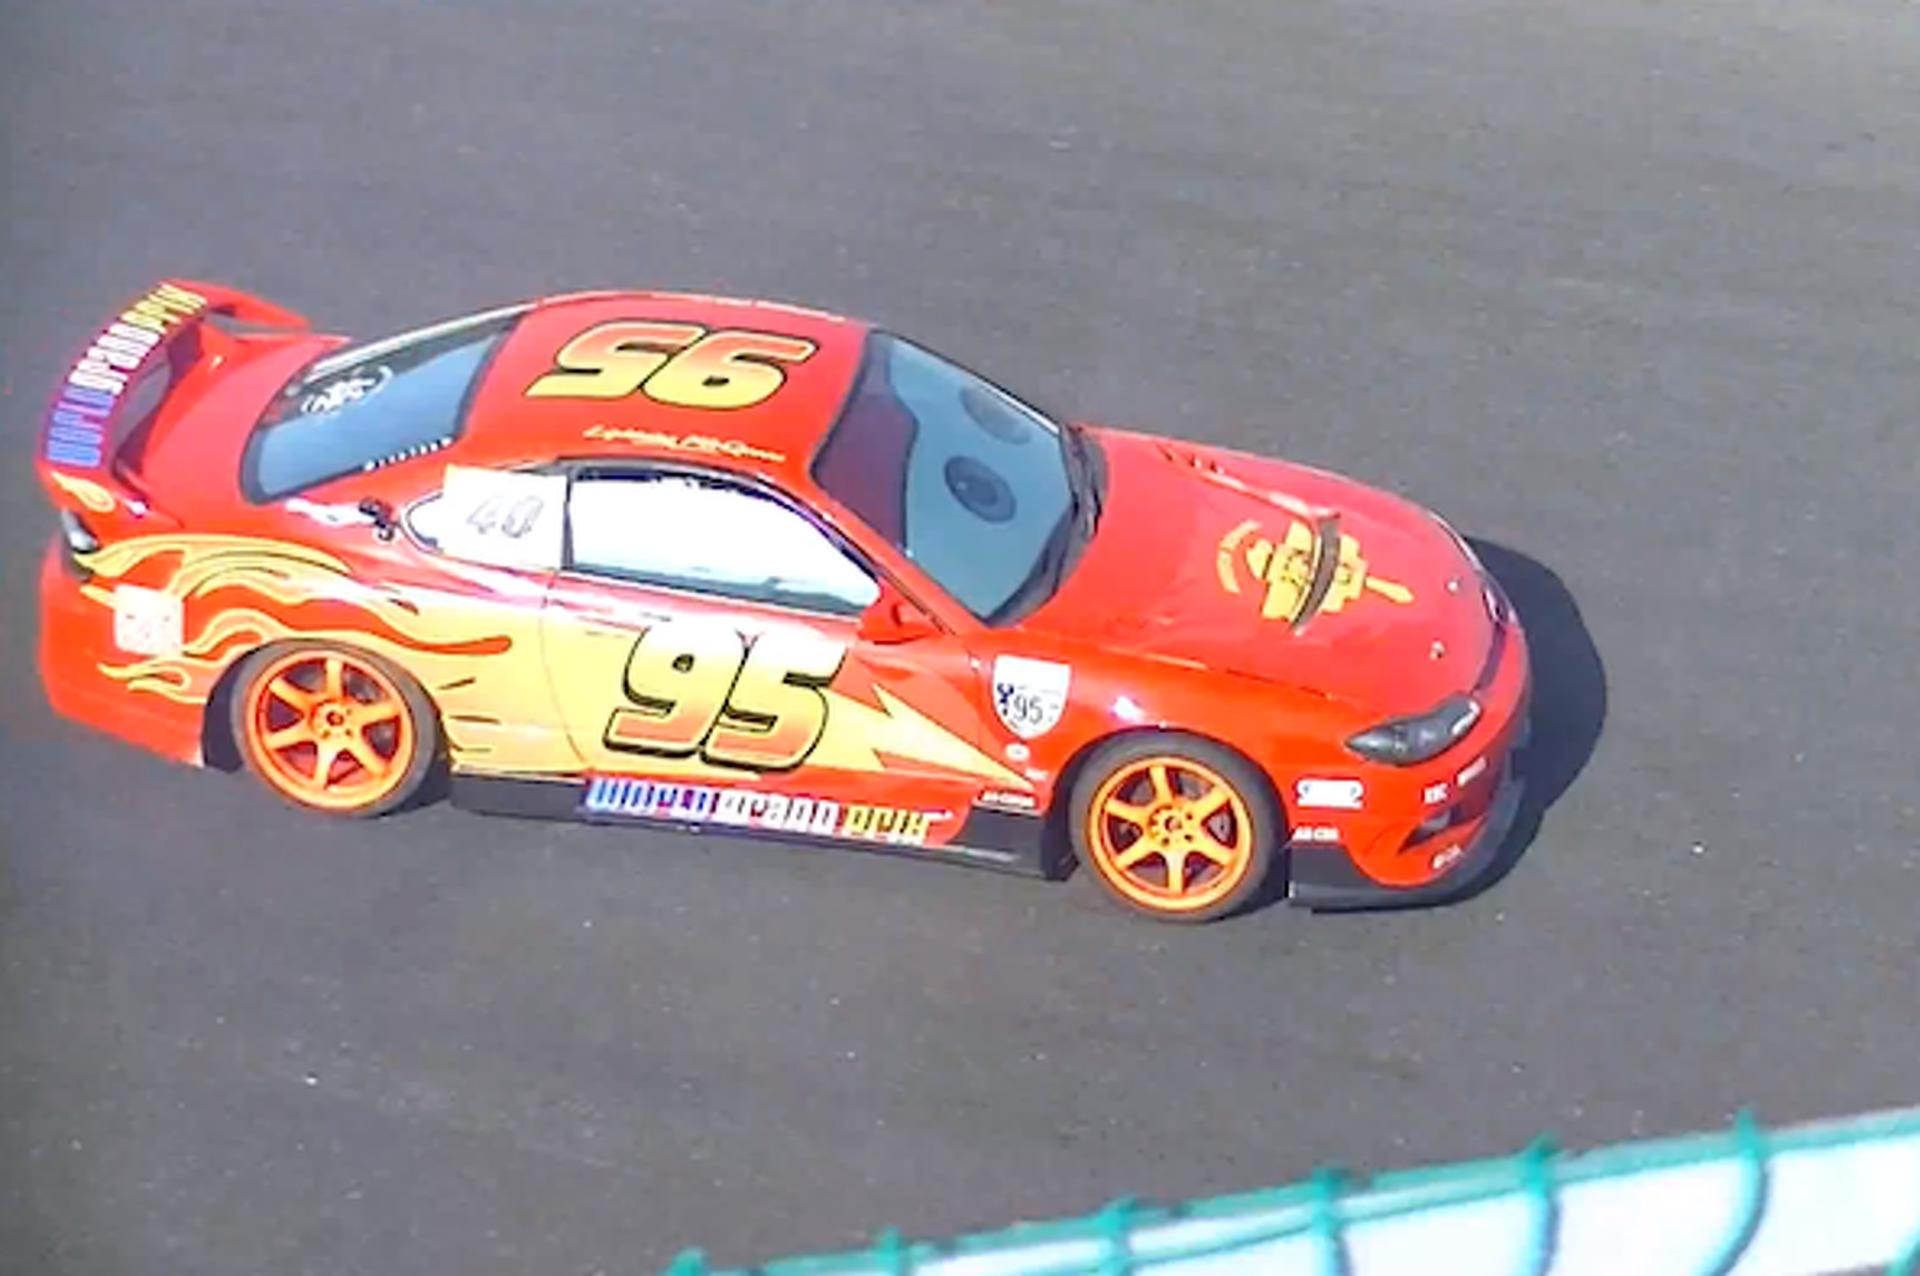 Watch Lightning McQueen in a Japanese Drift Race